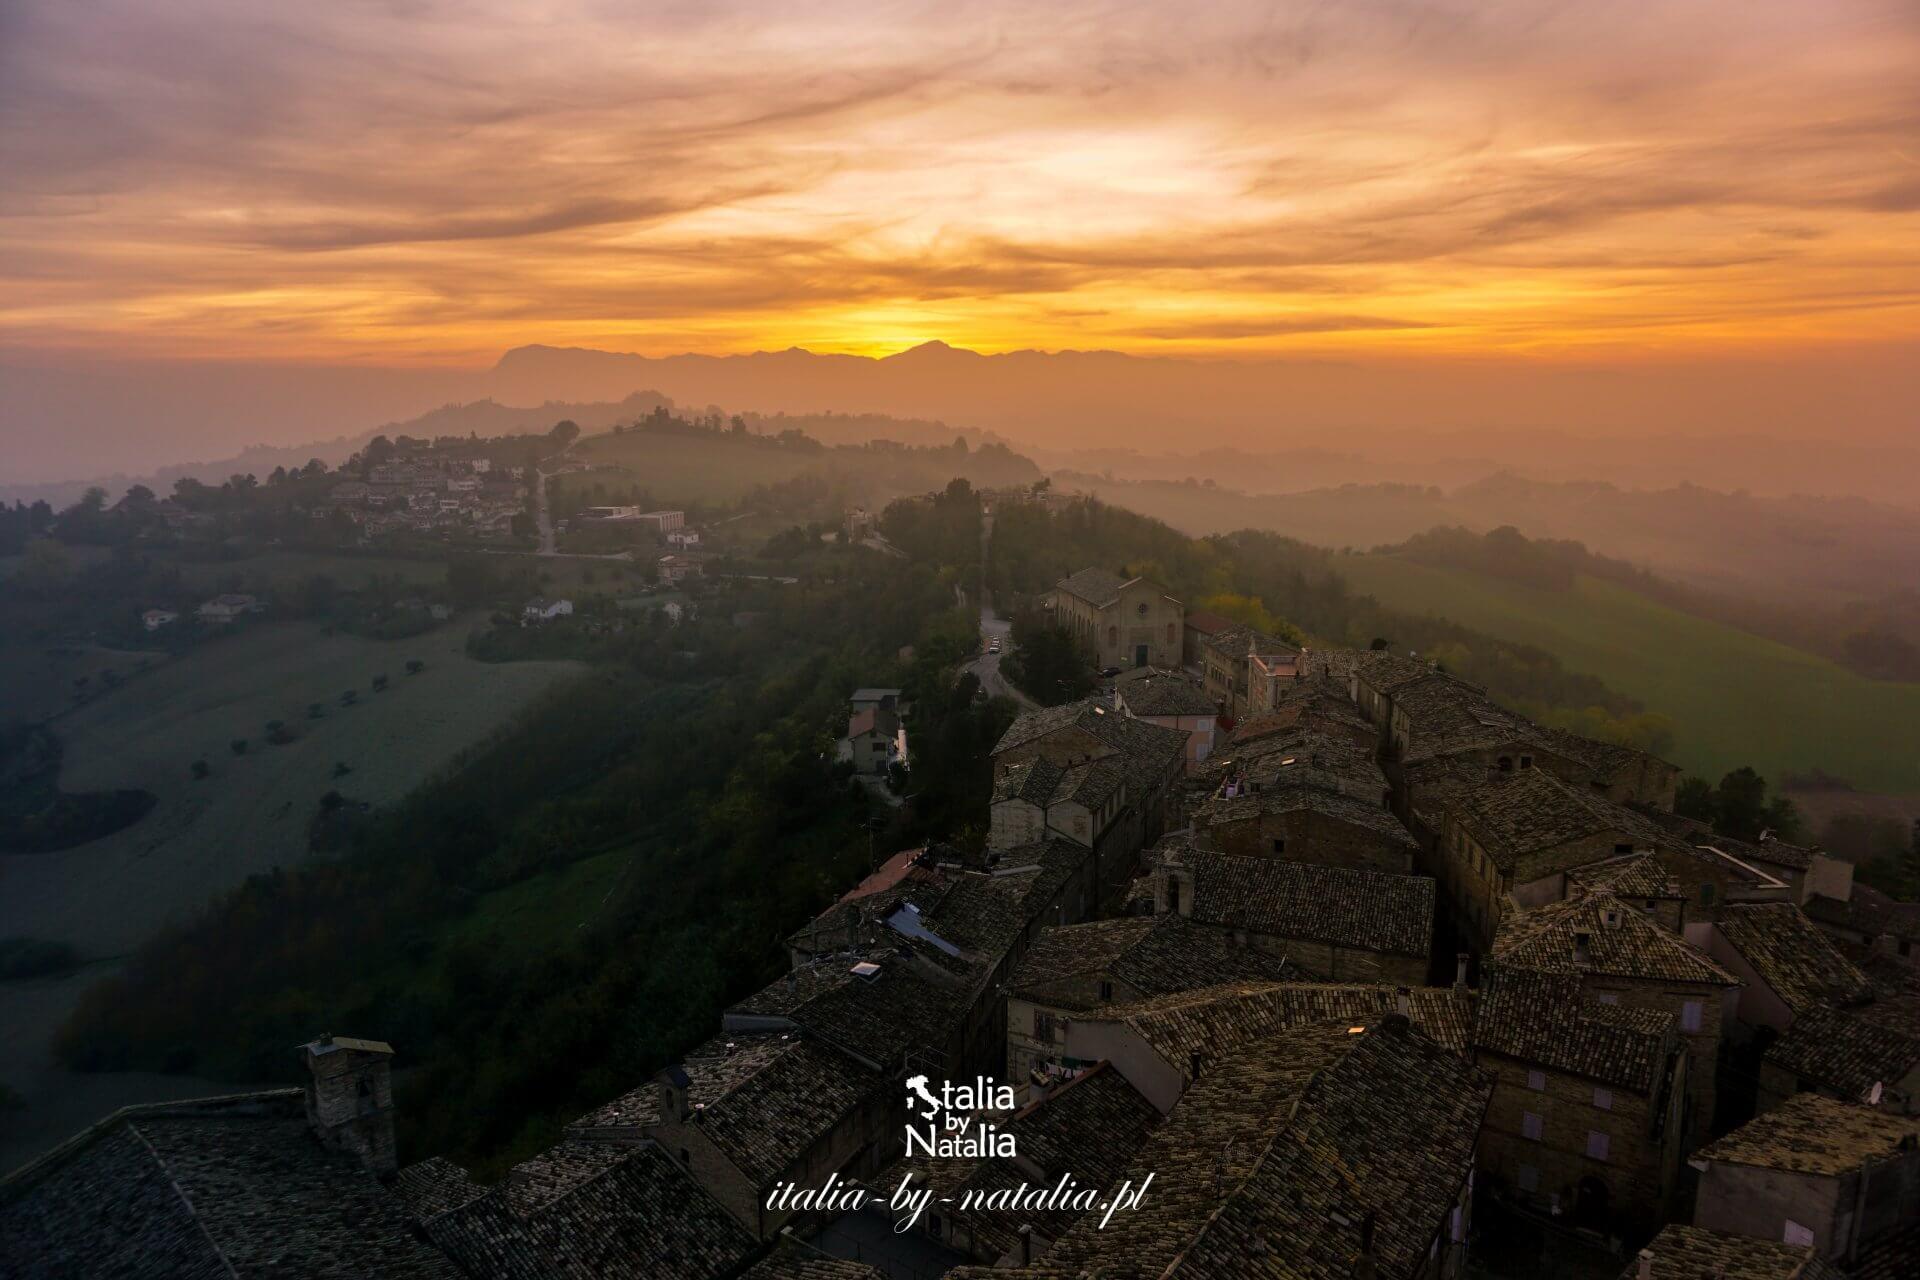 Petritoli miasteczko pośród wzgórz i winnic regionu Marche prowincja Fermo